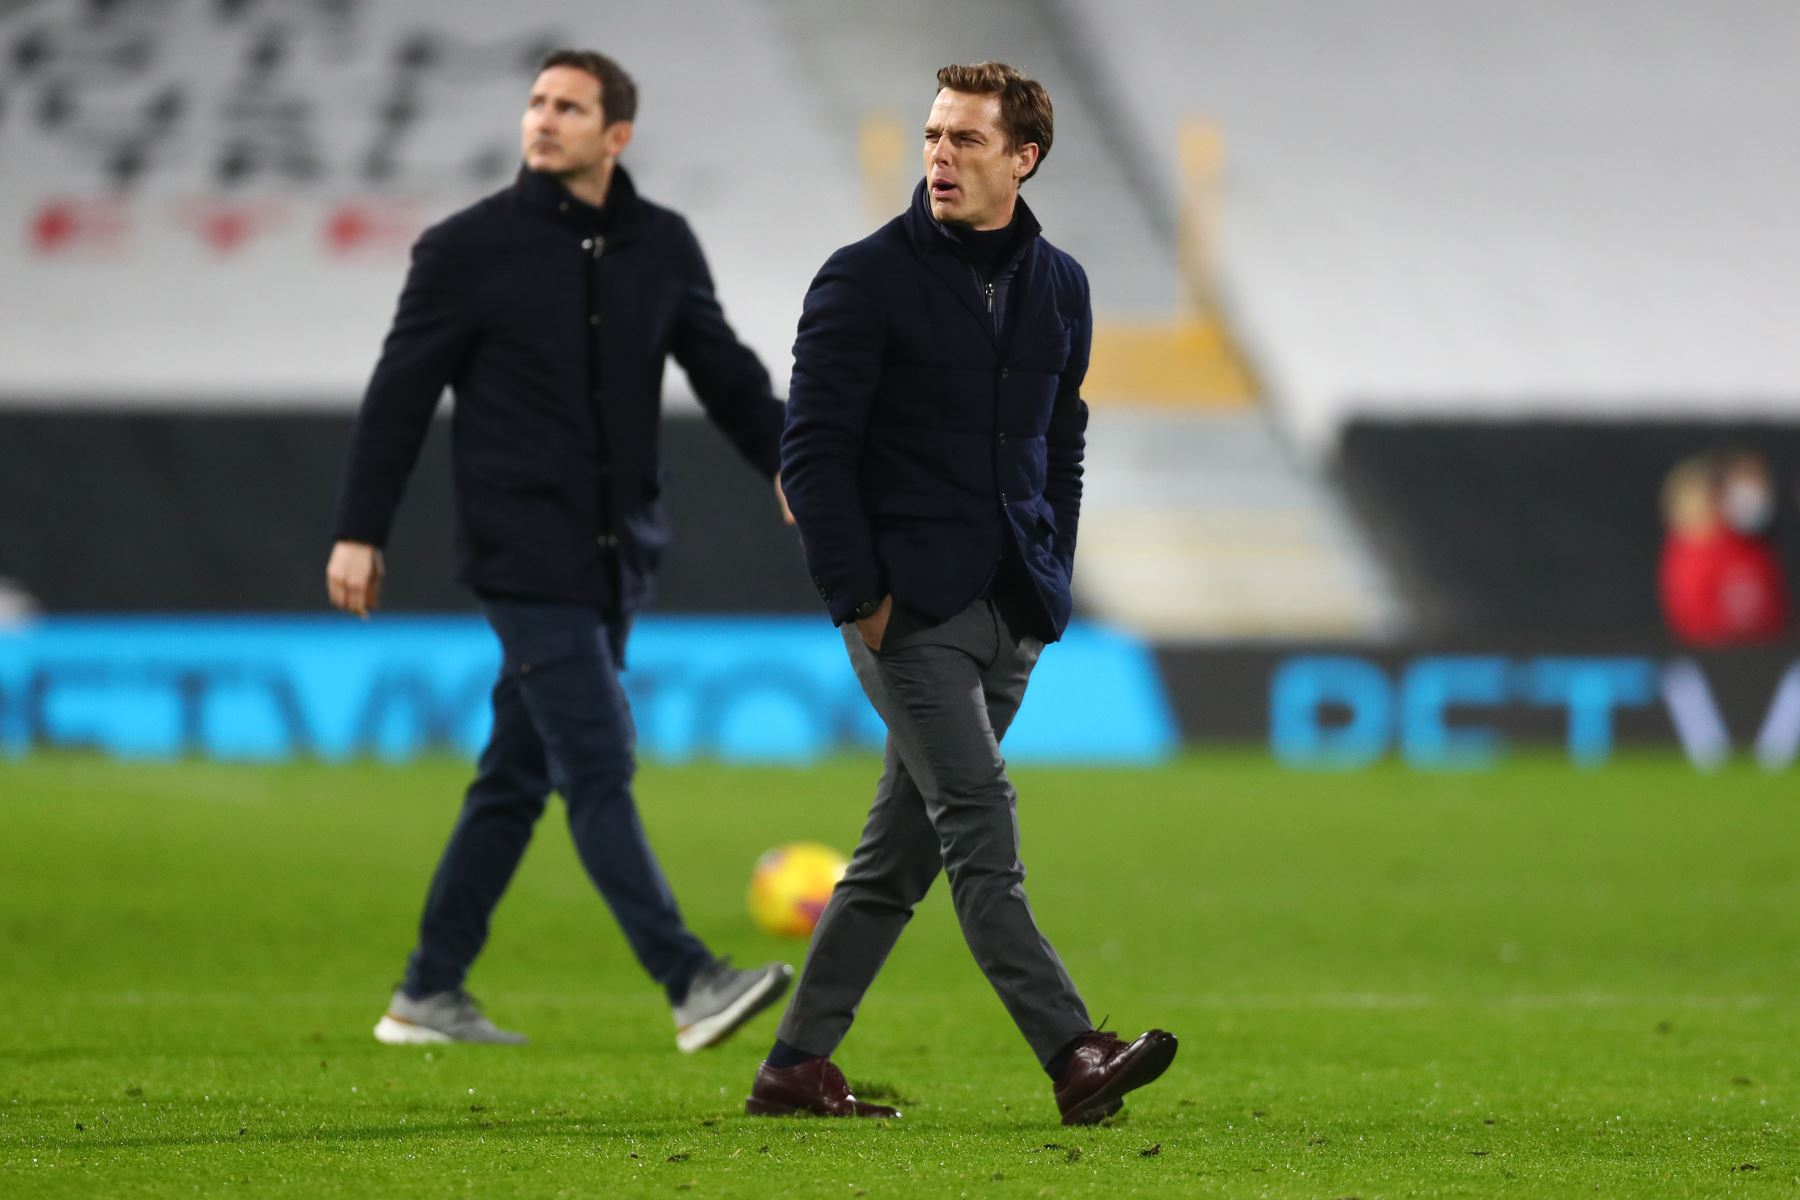 El entrenador inglés del Chelsea, Frank Lampard, y el entrenador inglés del Fulham, Scott Parker, abandonan el campo en el medio tiempo durante el partido de fútbol de la Premier League inglesa entre Fulham y Chelsea. Foto: AFP